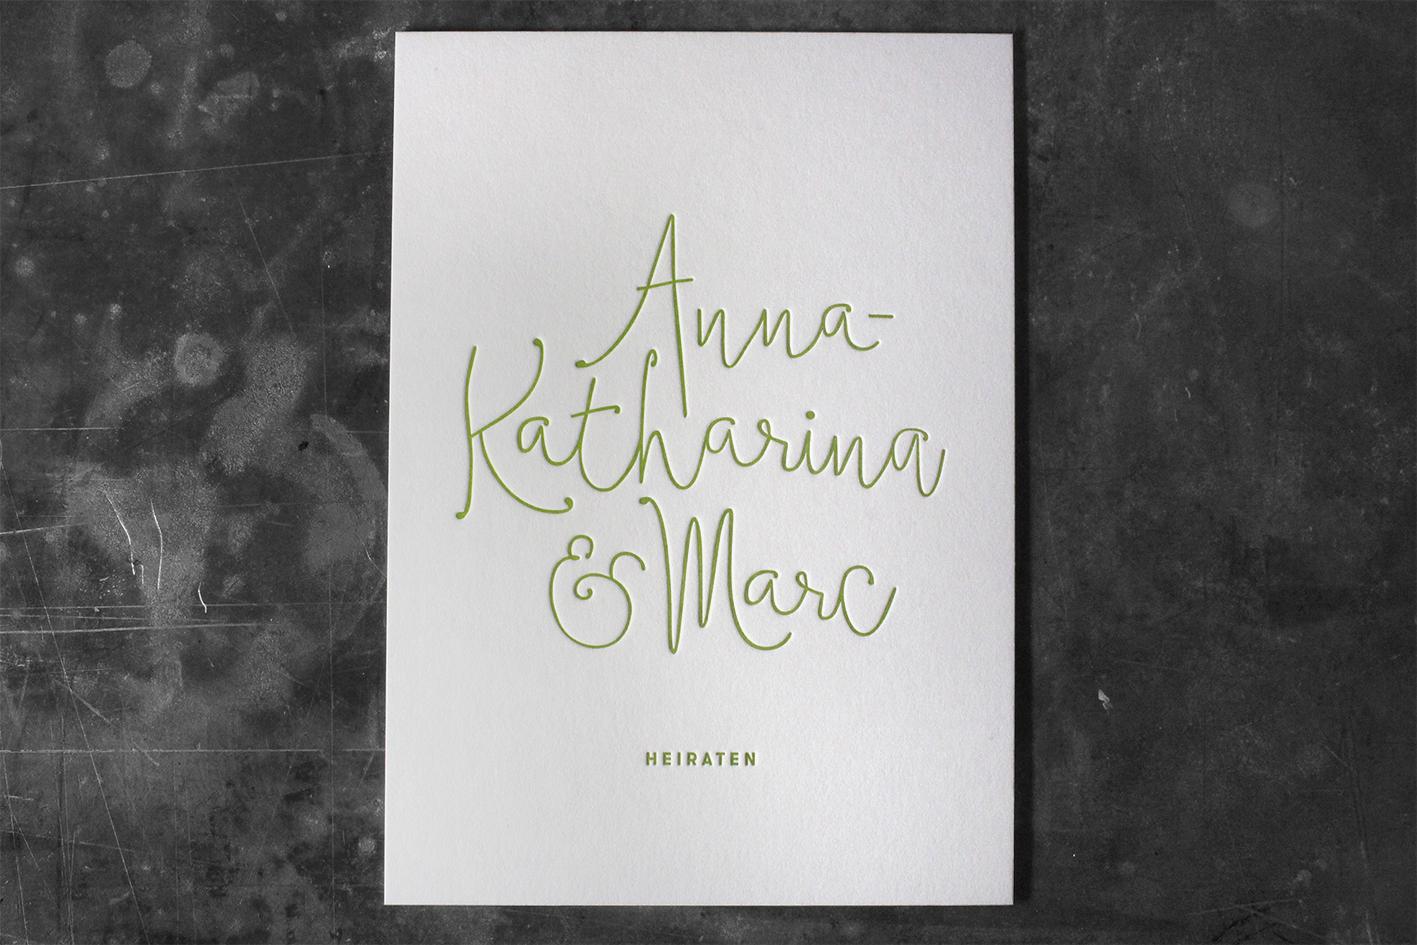 Buchdruck Letterpress Gmund Cotton Baumwollpapier Wien Grammatur Papierdicke Hochzeit Hochzeitseinladung drucken Einladung außergewöhnlich